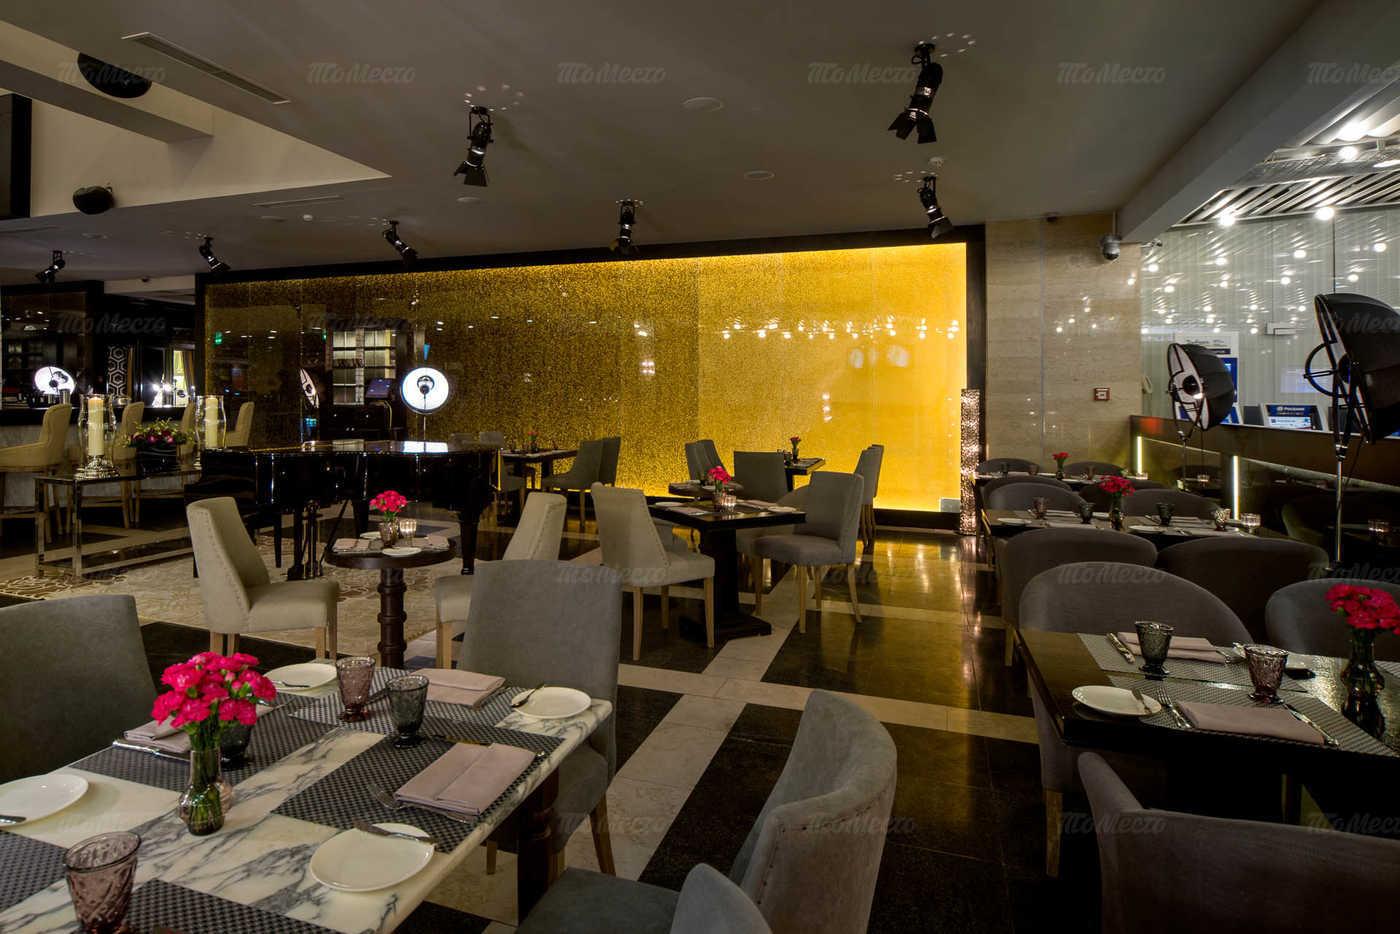 Меню ресторана Cafe 21 (Кафе 21) на площади Европы